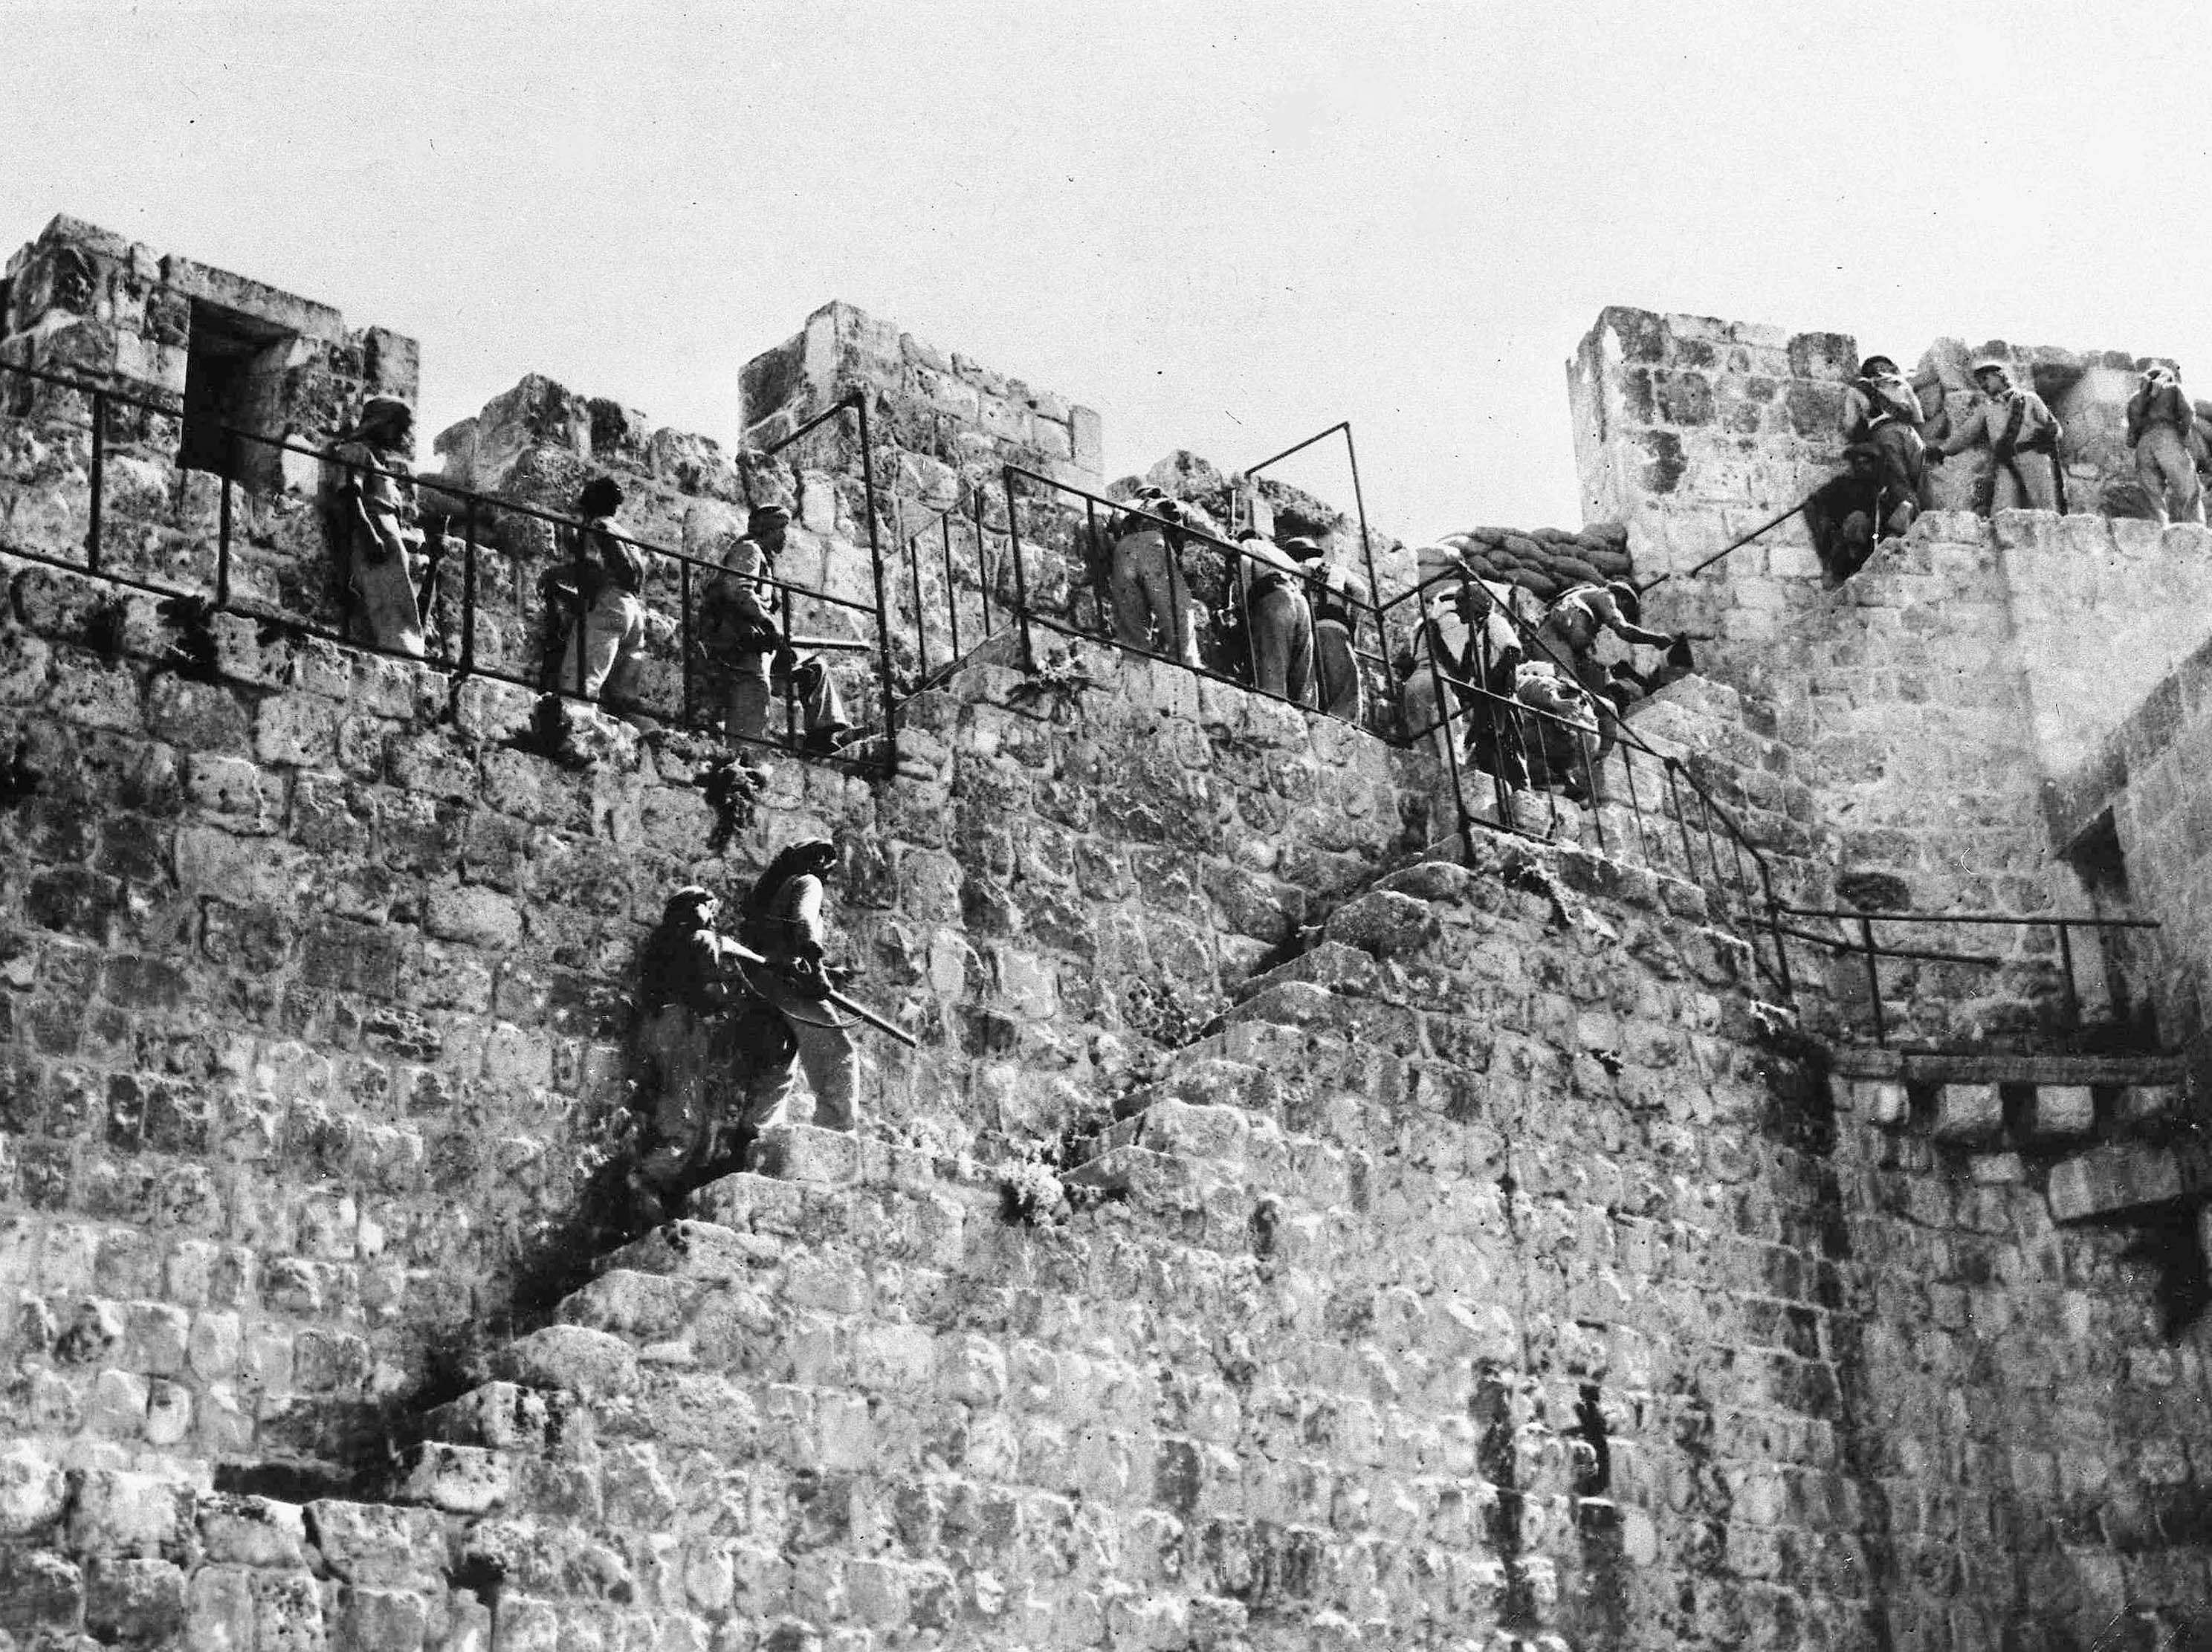 Арабские легионеры возвращаются на свои позиции на стенах старого города, когда закончилось перемирии. 9 июля